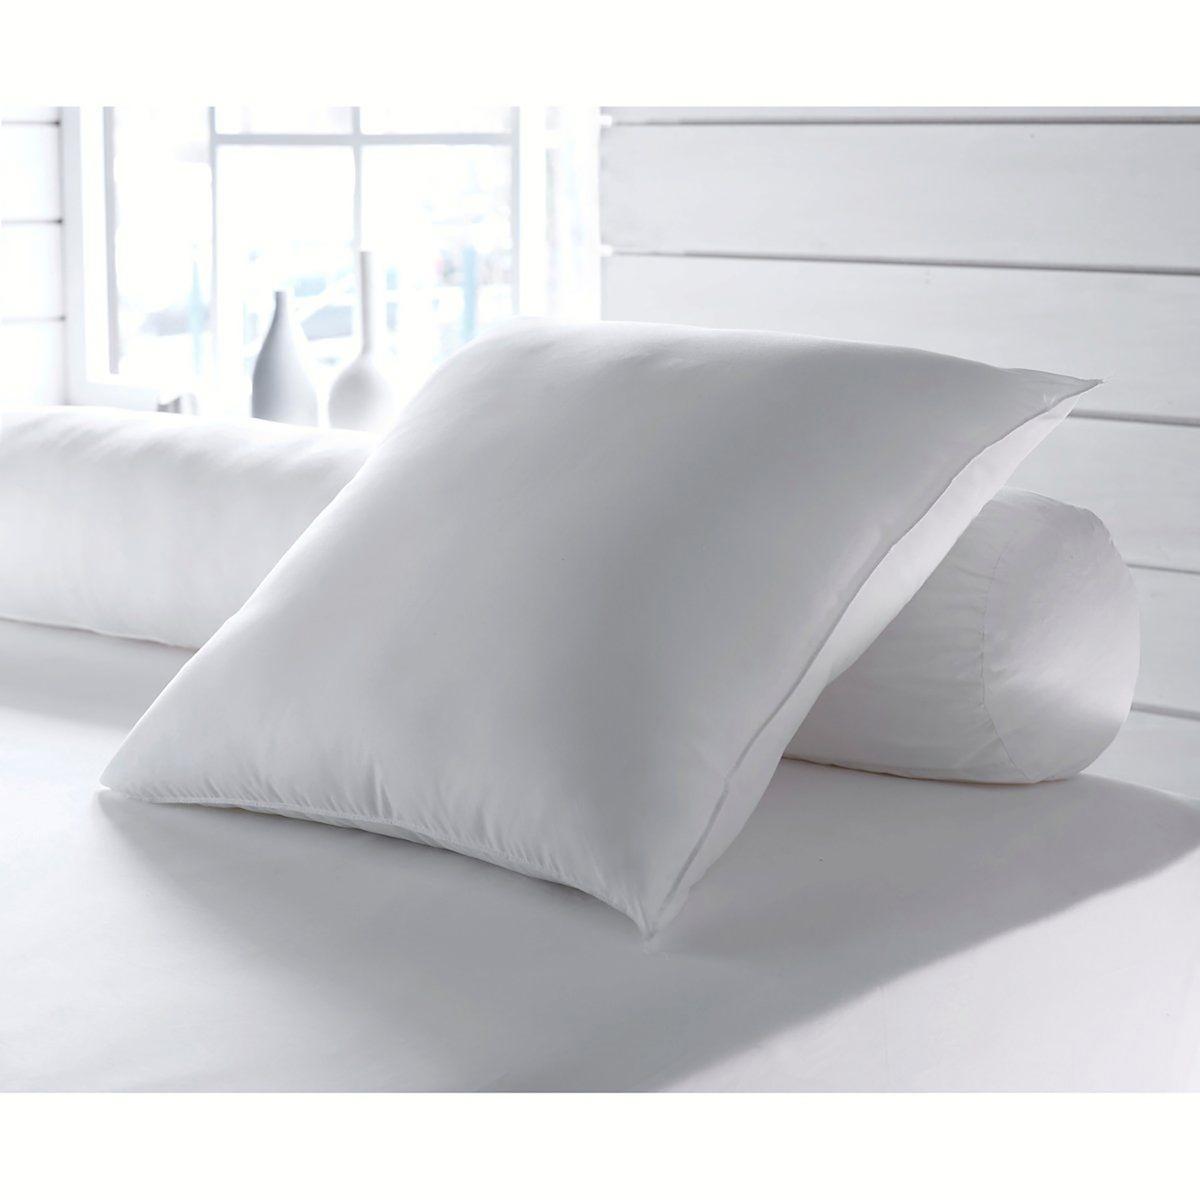 Подушка-валик из синтетического материала с обработкой AEGIS aegis